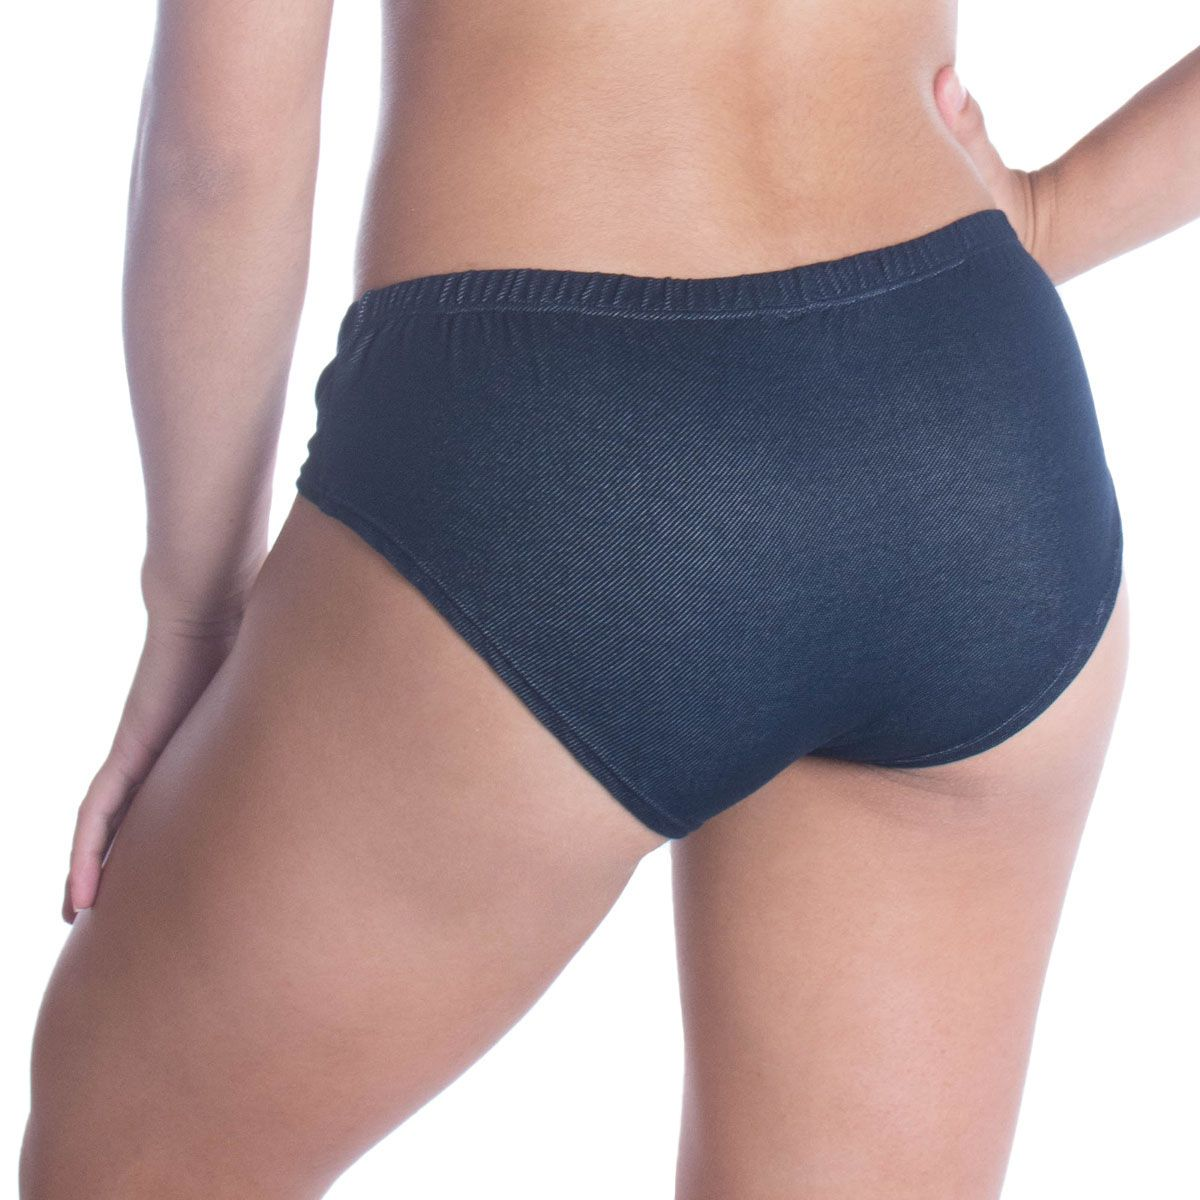 Calcinha modelo caleçon Jeans Gardenia  -